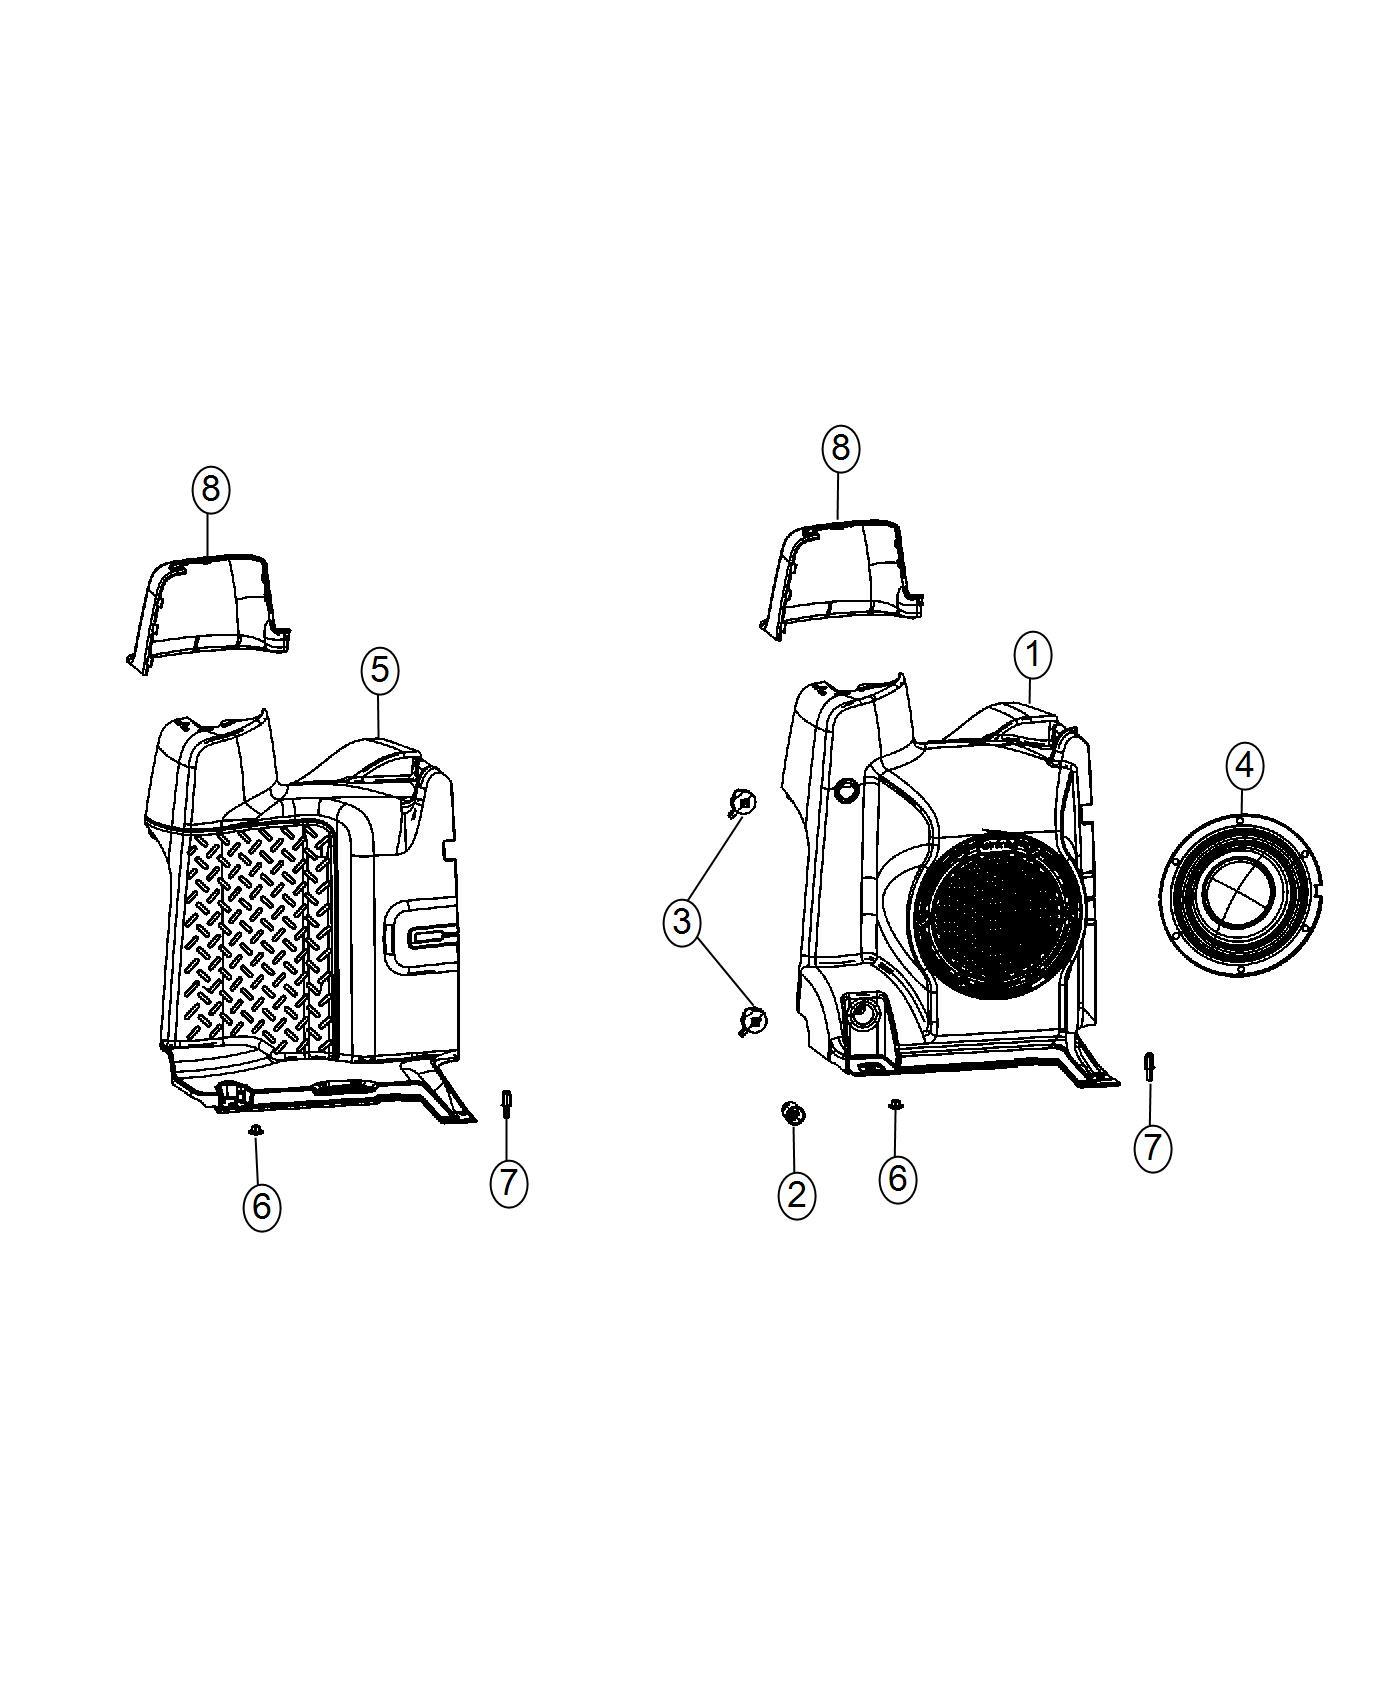 2016 jeep wrangler stud  1 end  m6x1 00x22 00  trim